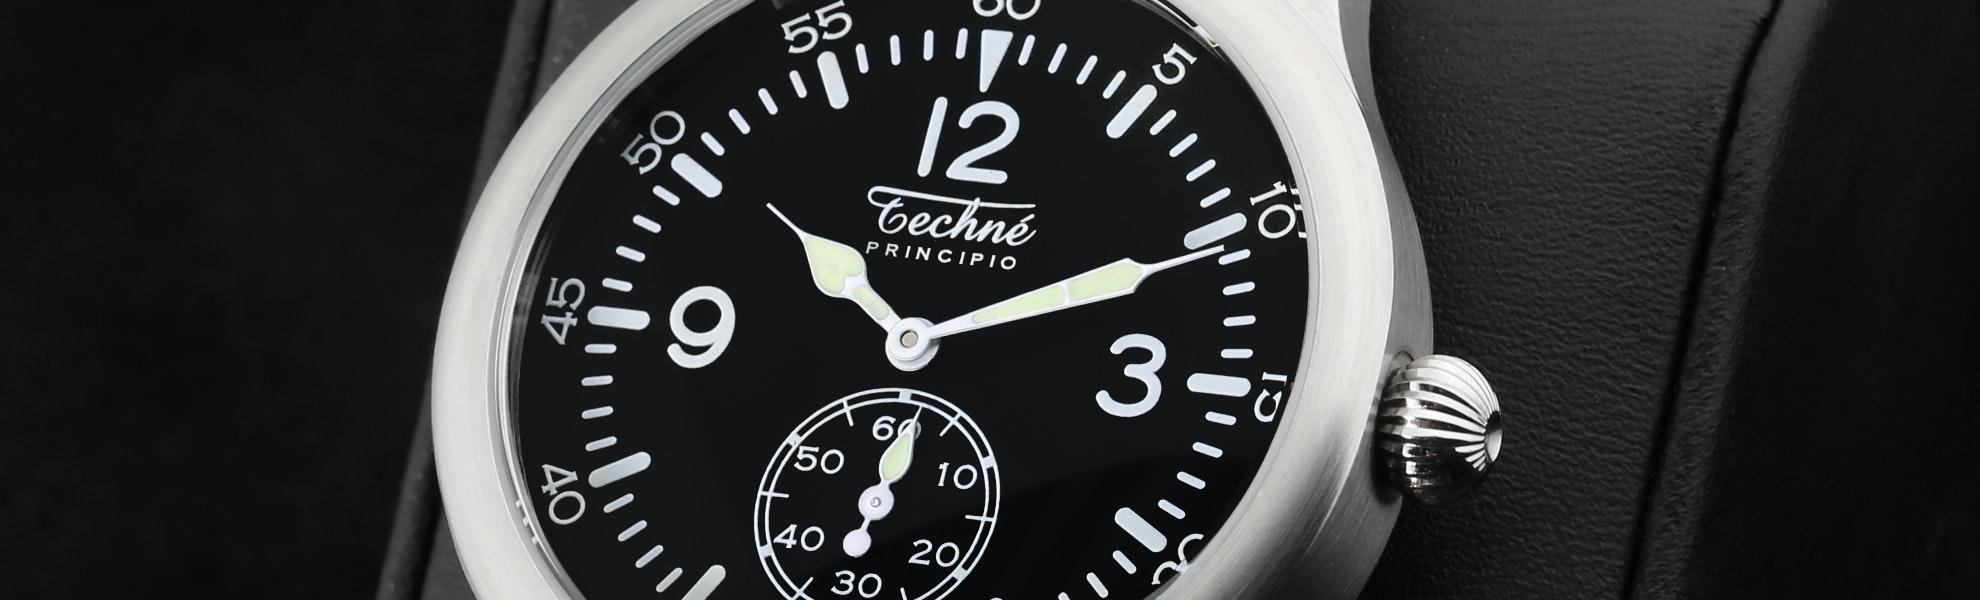 Techné Merlin Watch